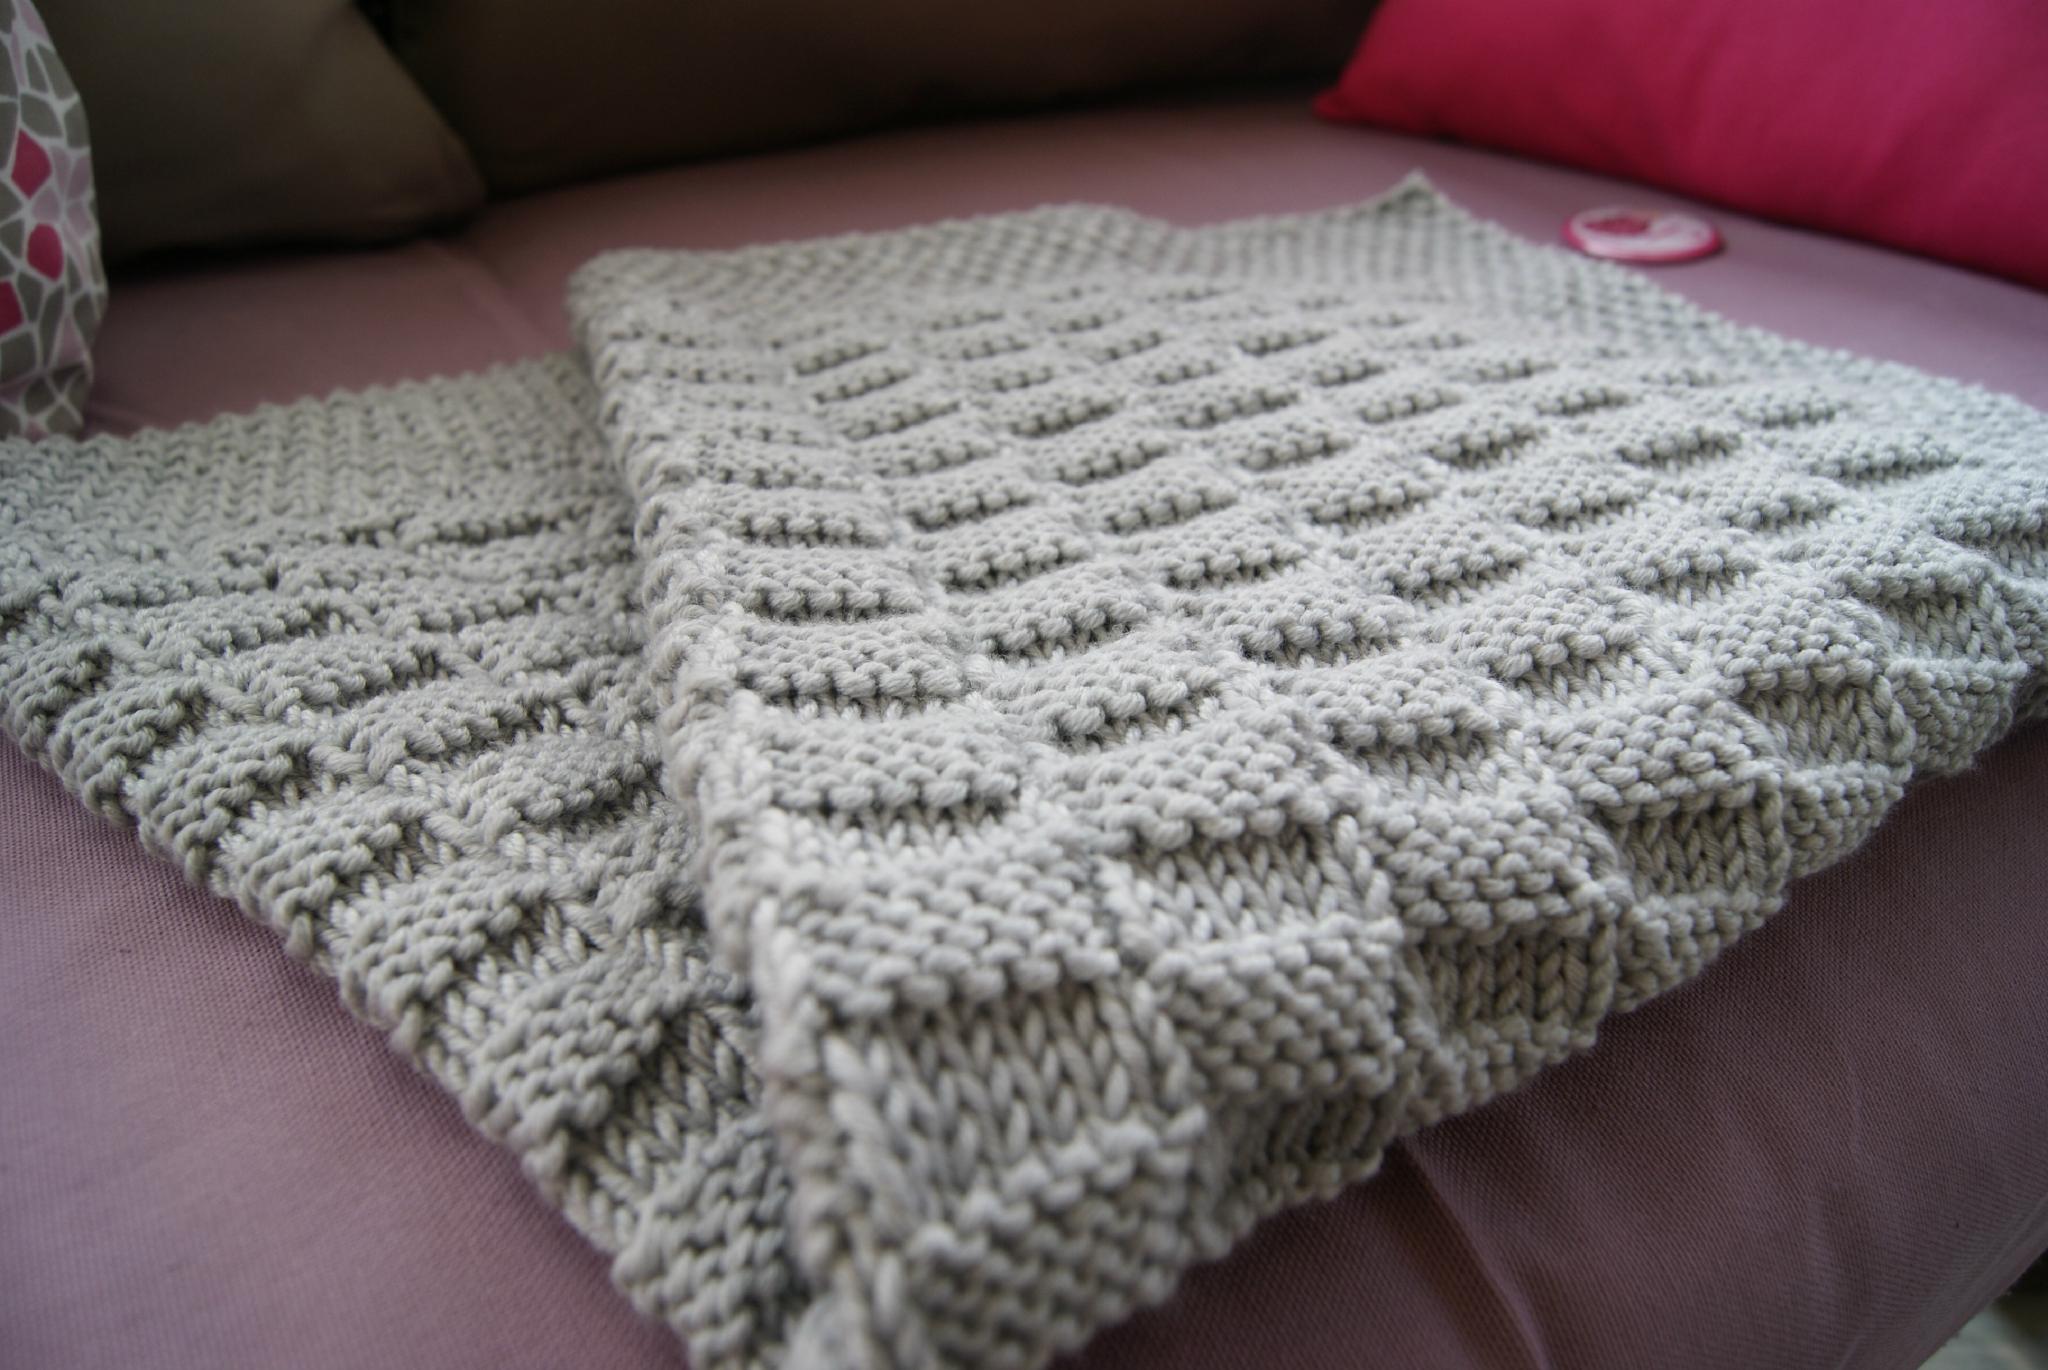 couverture tricotée pour bébé modèle tricot layette gratuit couverture bébé couverture tricotée pour bébé